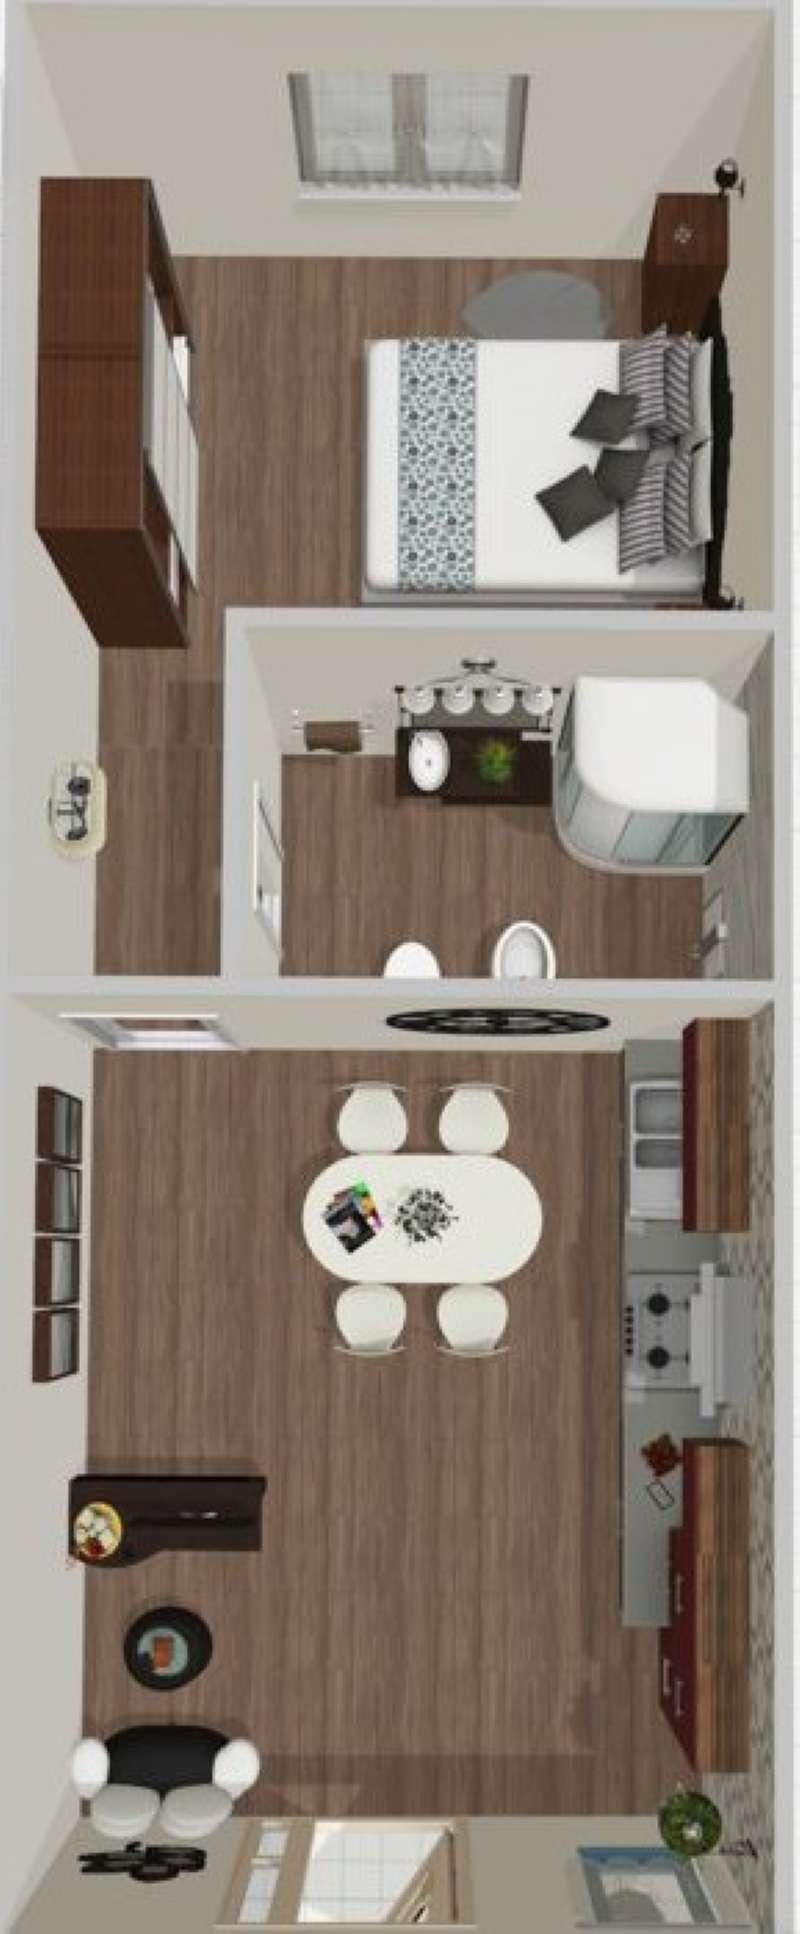 Appartamento in vendita a Roma, 2 locali, zona Zona: 4 . Nomentano, Bologna, Policlinico, prezzo € 249.000   CambioCasa.it